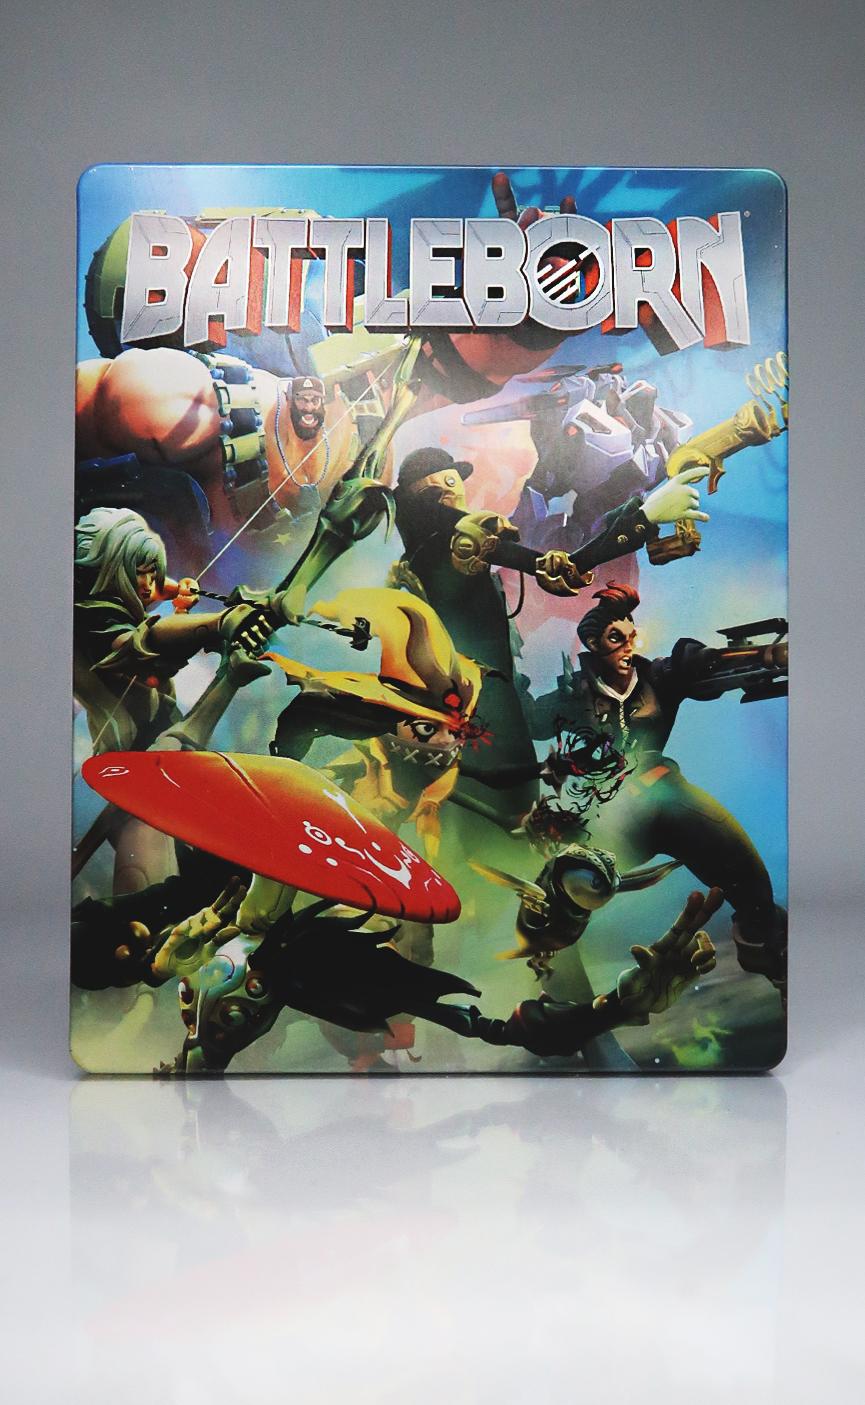 Battleborn - steelbook